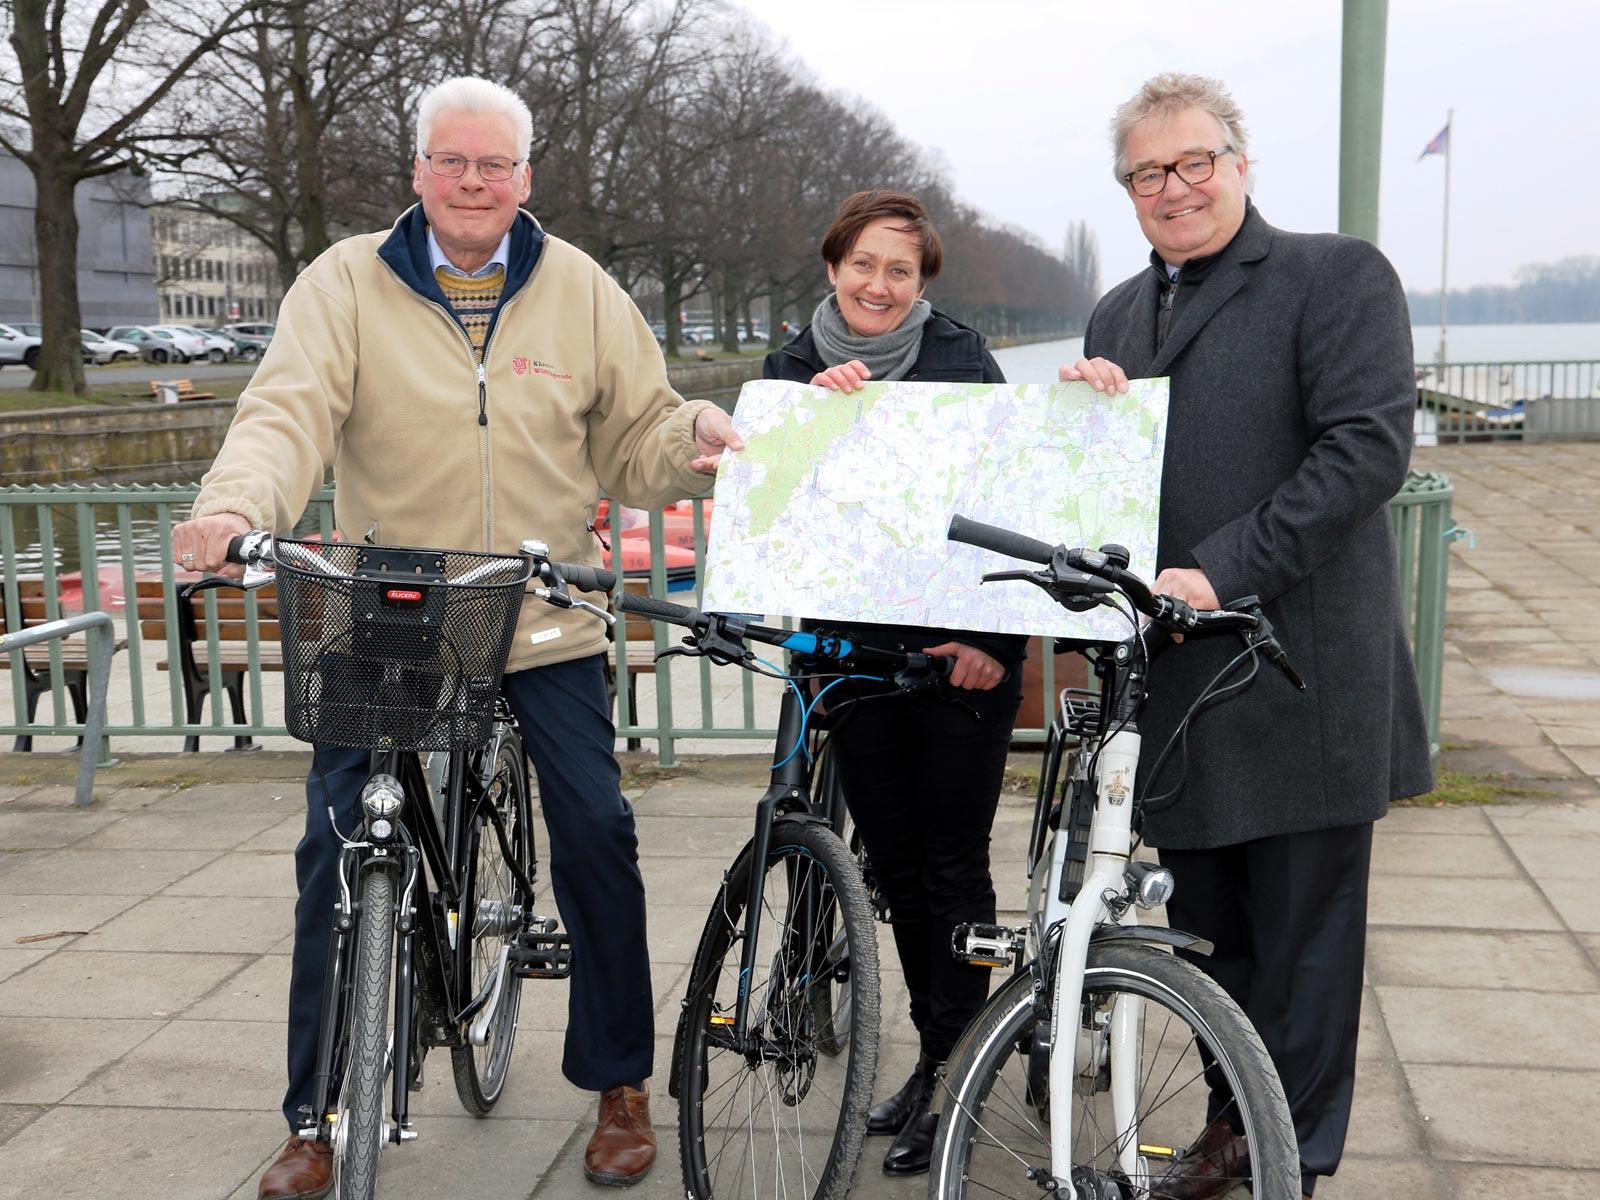 Eine Frau und zwei Männer stehen mit ihren Fahrrädern an einem Ufer und halten eine Radkarte in die Kamera.